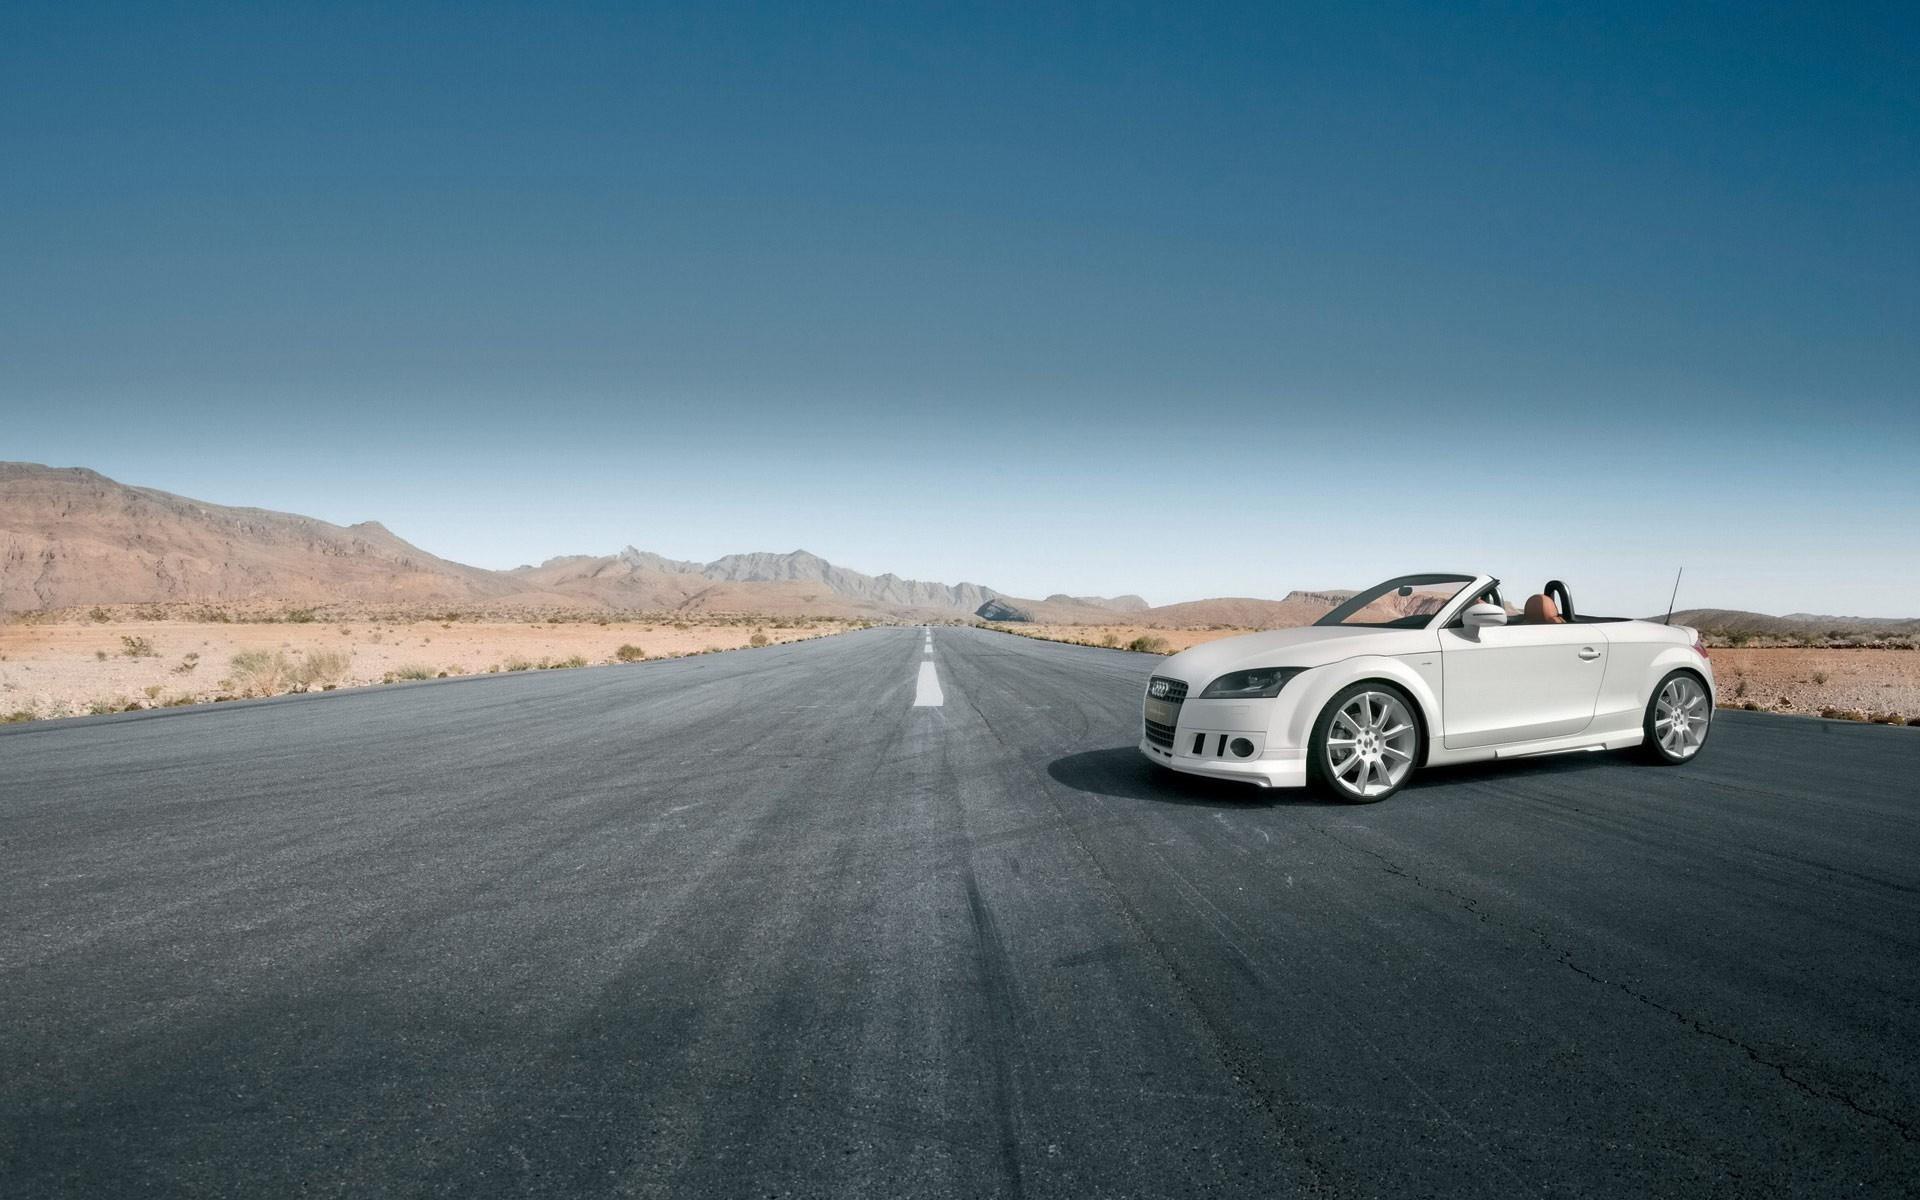 12474 скачать обои Транспорт, Машины, Мерседес (Mercedes) - заставки и картинки бесплатно